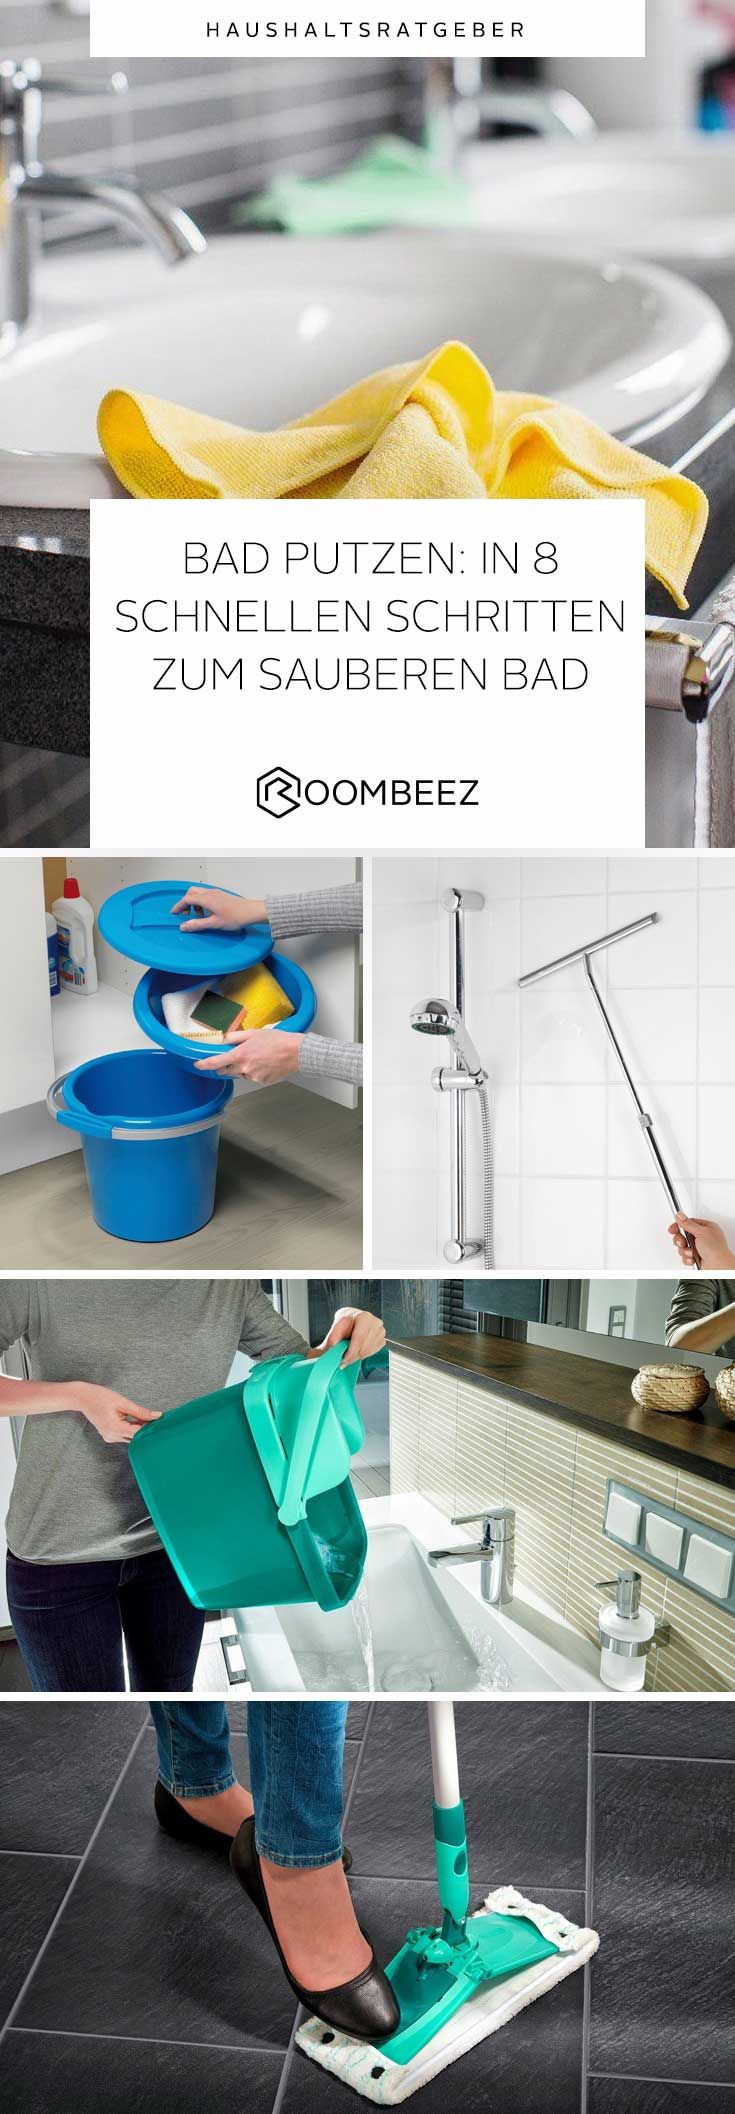 Bad putzen » 8 schnelle Schritte zum sauberen Bad in 2020